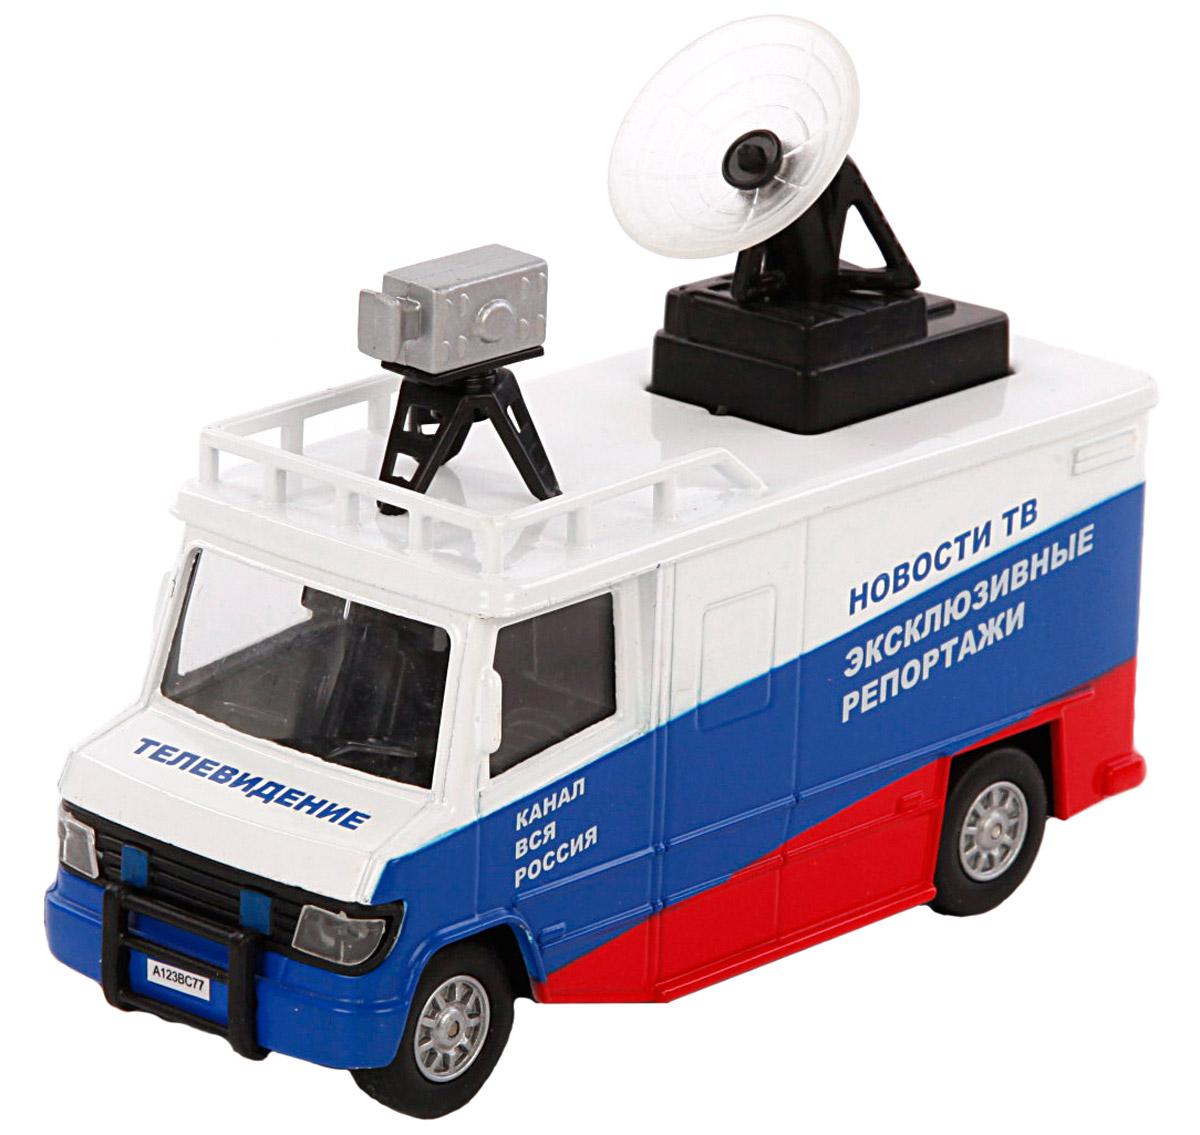 Пламенный мотор Машинка Телевидение Новости Эксклюзивные репортажи машина пламенный мотор volvo v70 пожарная охрана 870189